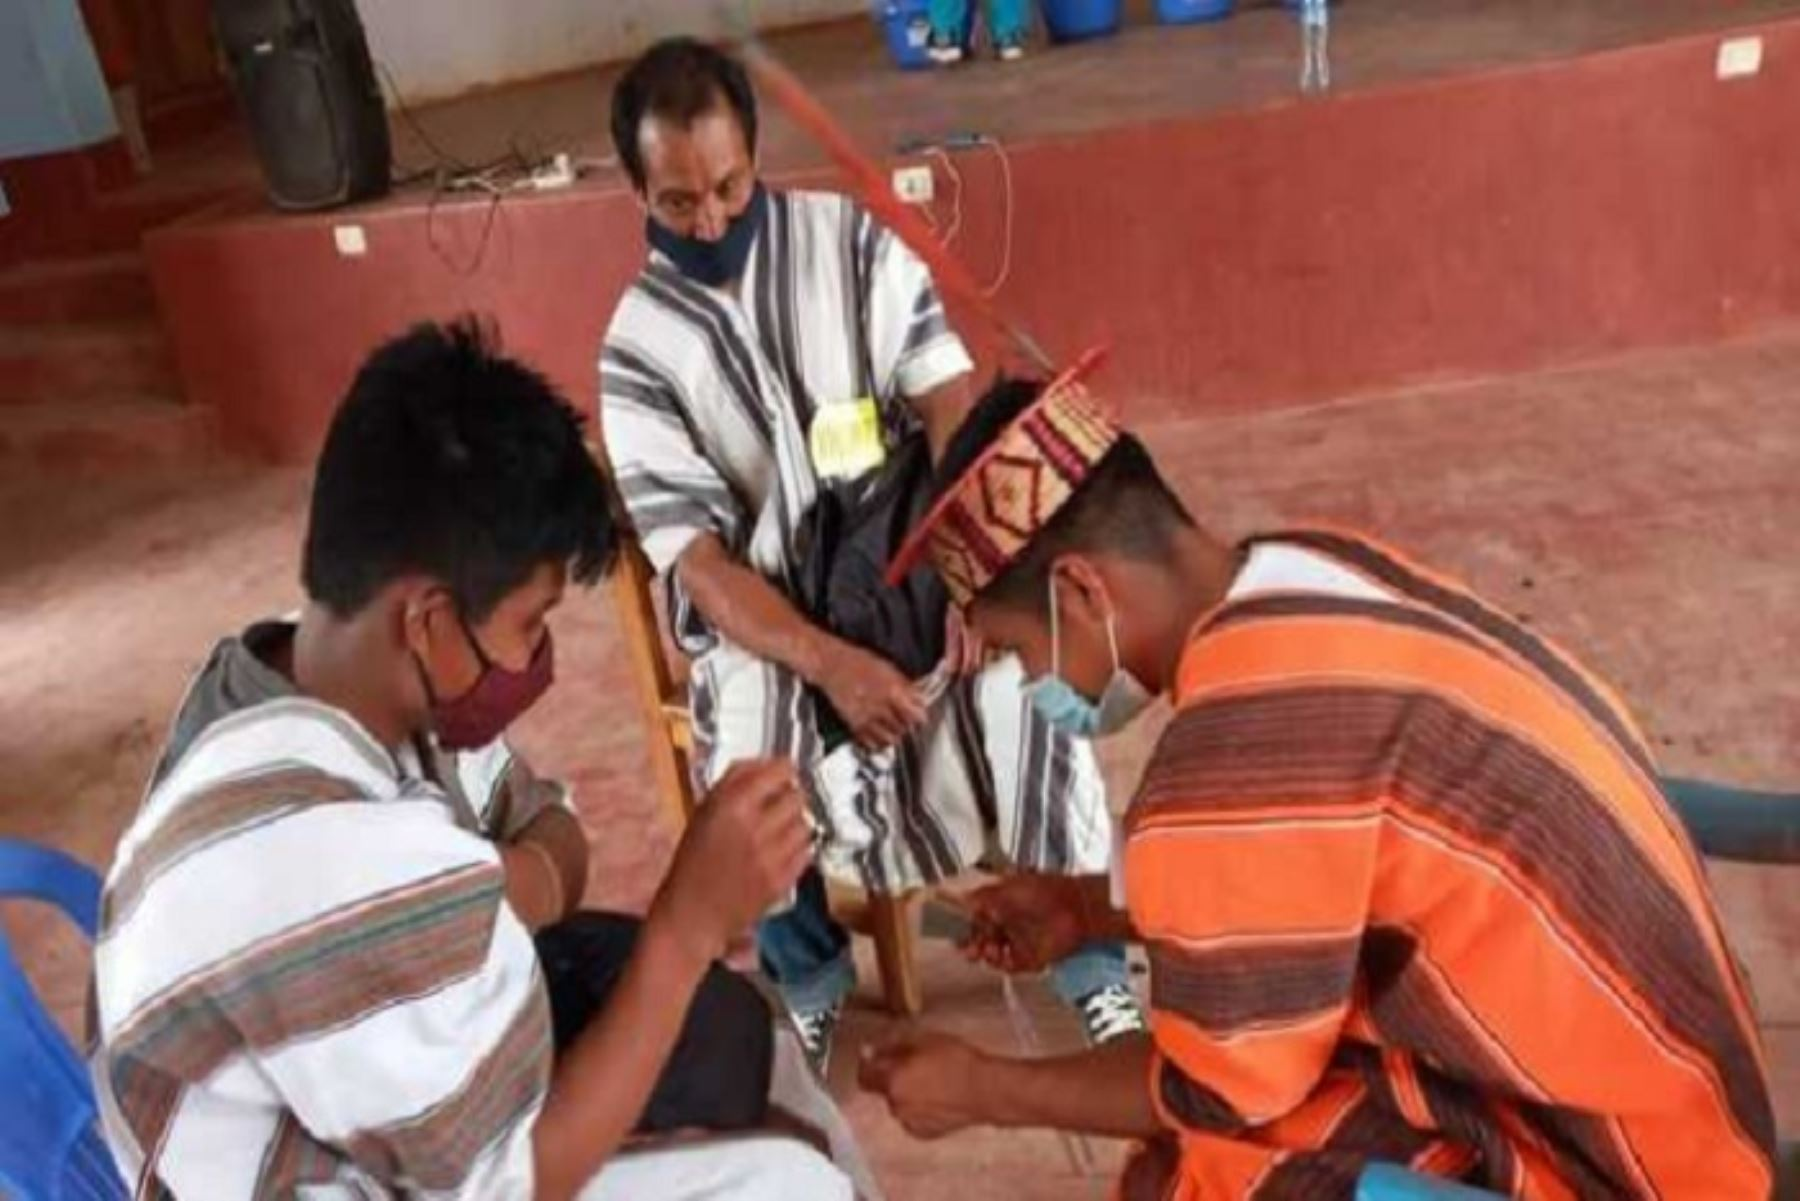 El Minsa invierte más de 74 millones de soles para priorizar la atención sanitaria de pueblos originarios en la lucha contra la pandemia del covid-19.